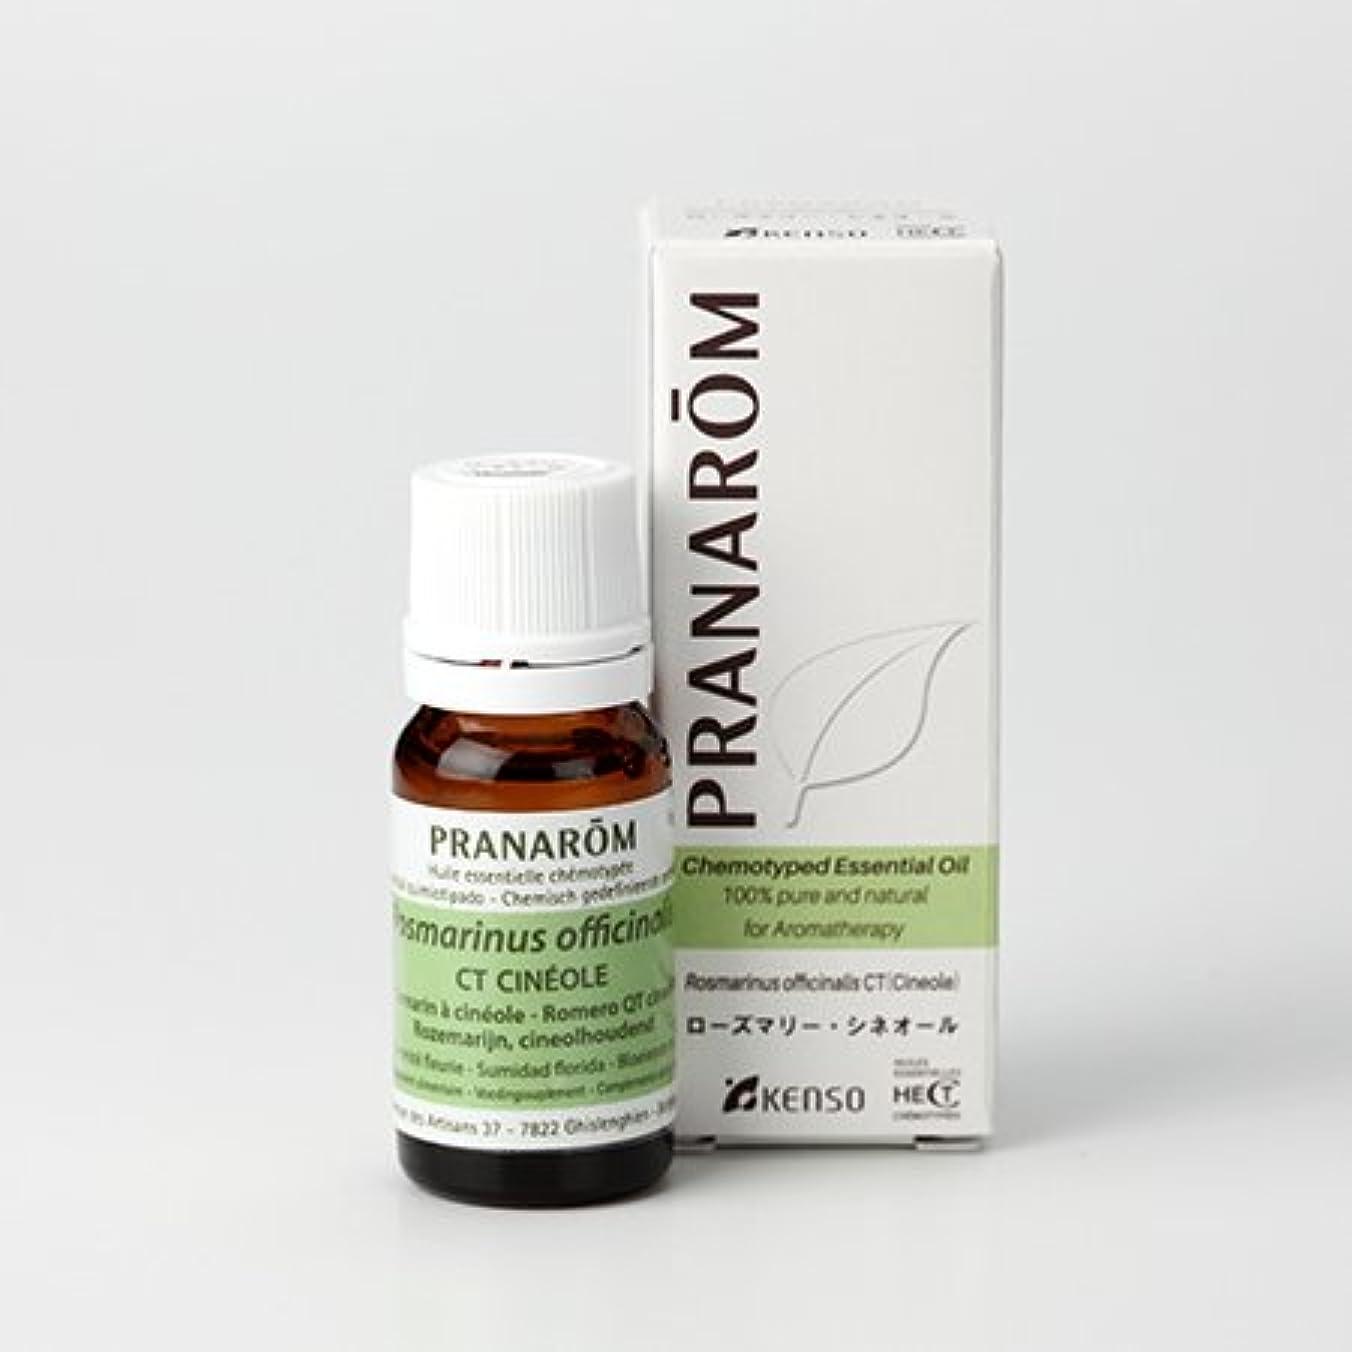 フェンス同一性罪プラナロム ( PRANAROM ) 精油 ローズマリー?シネオール 10ml p-160 ローズマリーシネオール